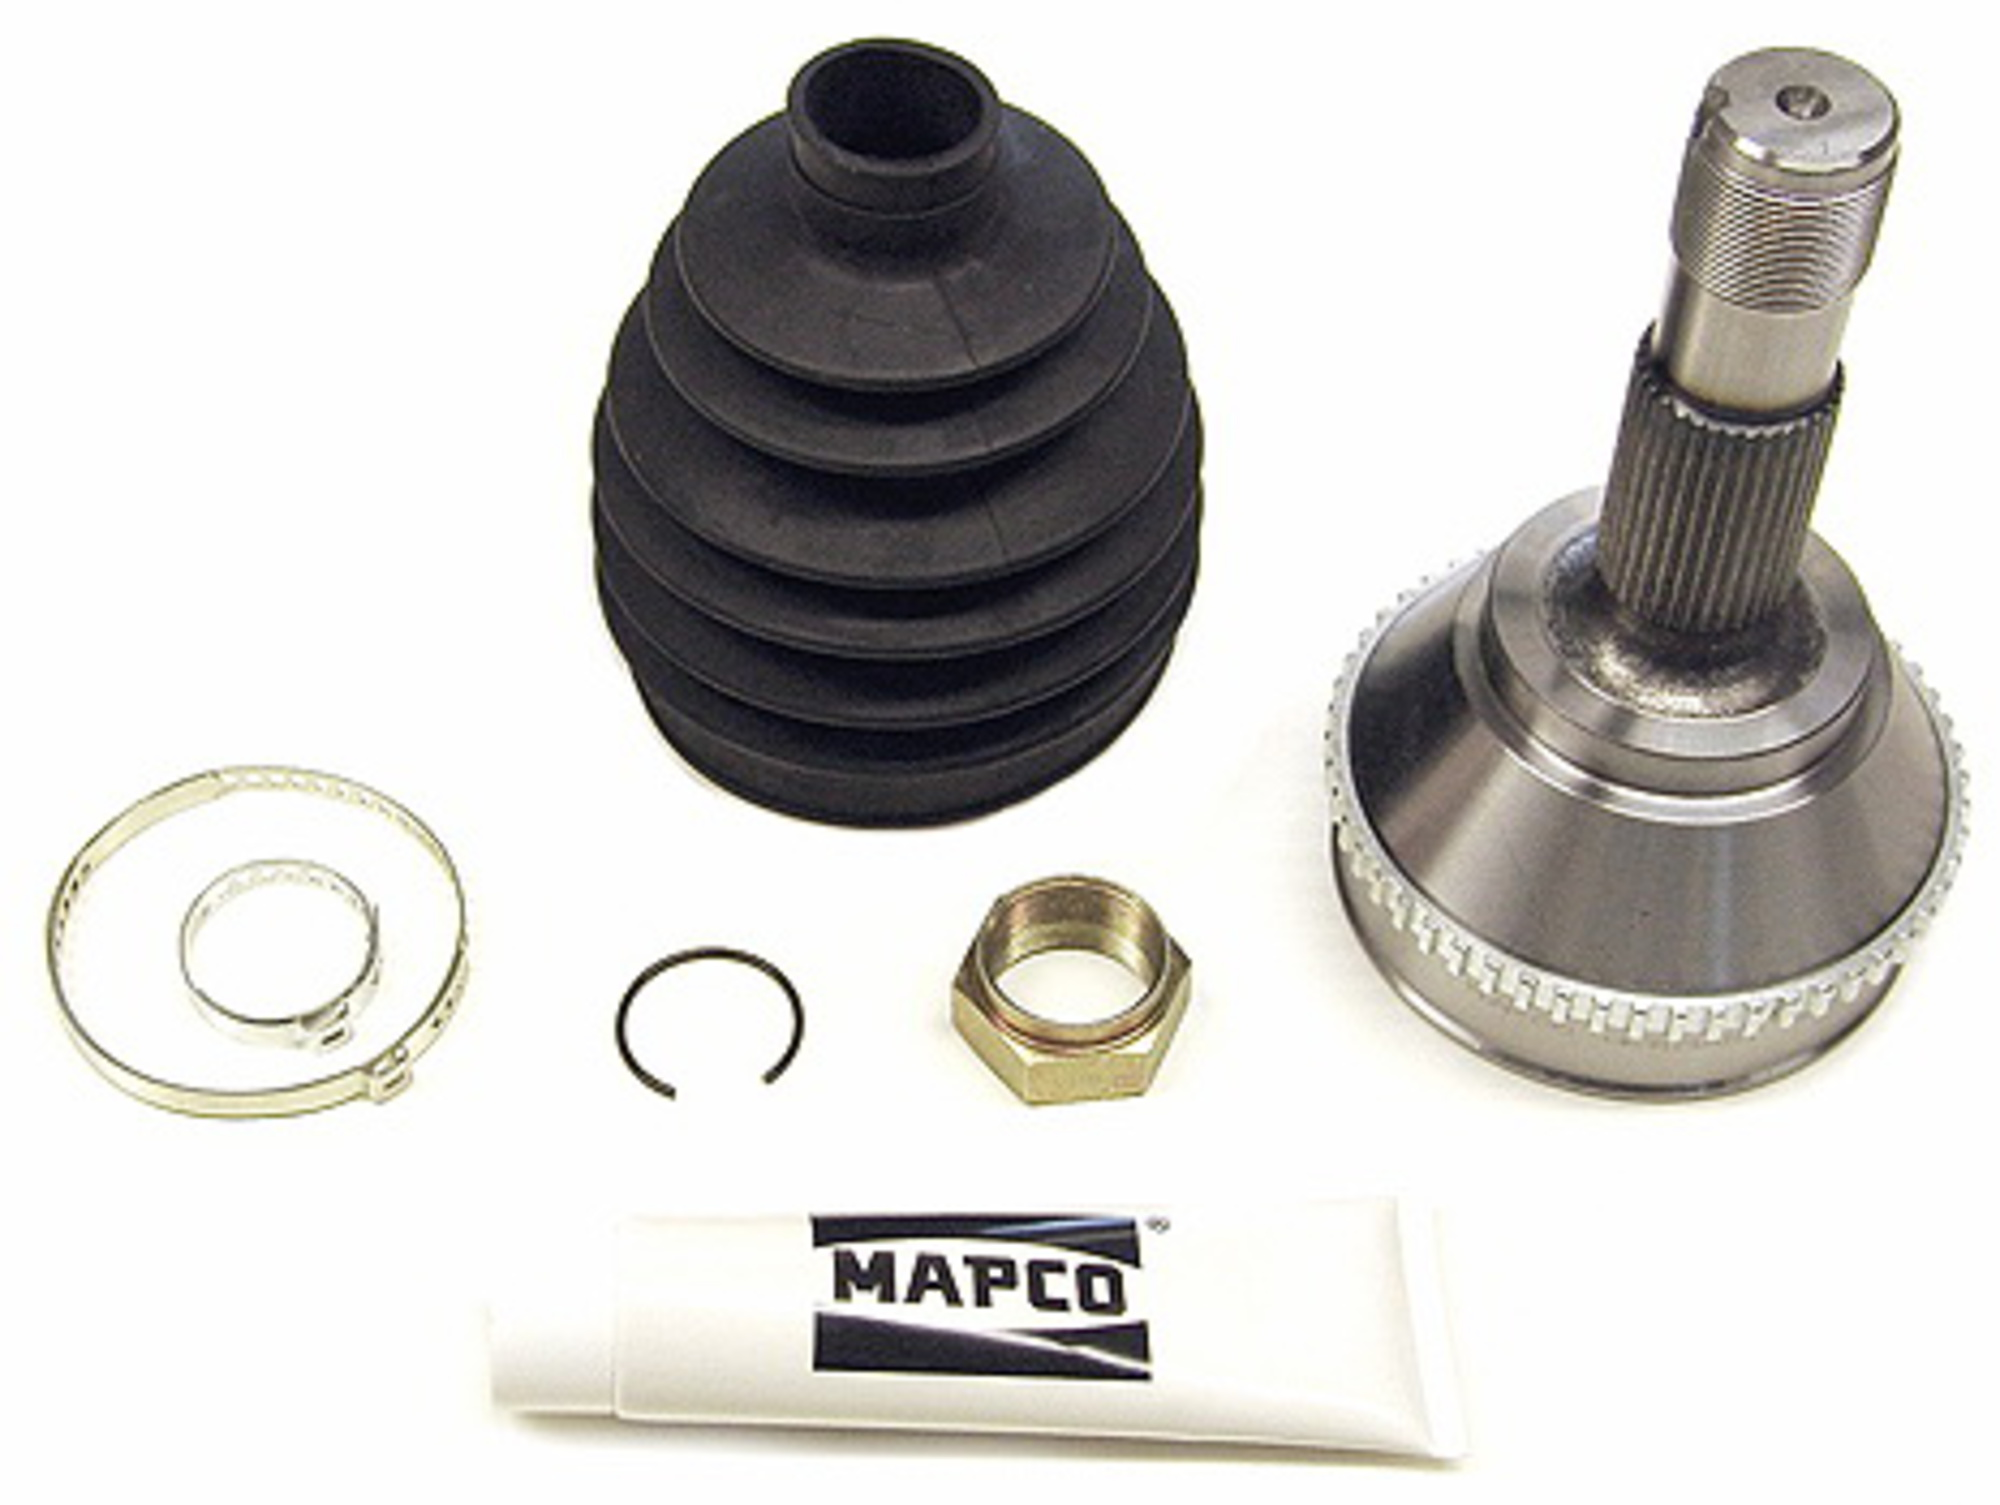 MAPCO 16011 Gelenksatz Antriebswelle Vorderachse radseitig